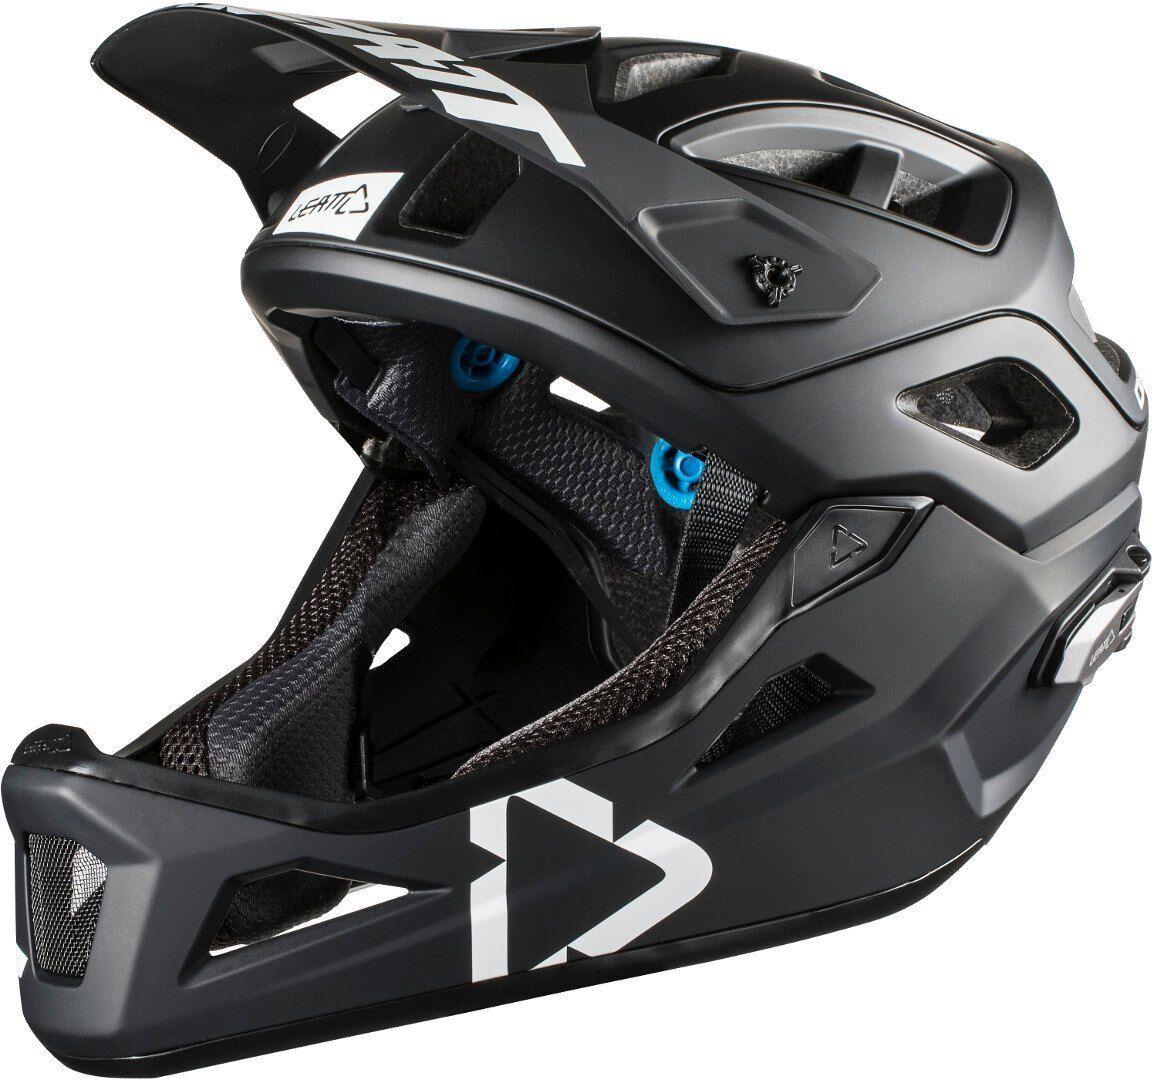 Leatt DBX 3.0 Enduro V2 Bicycle Helmet Black White L